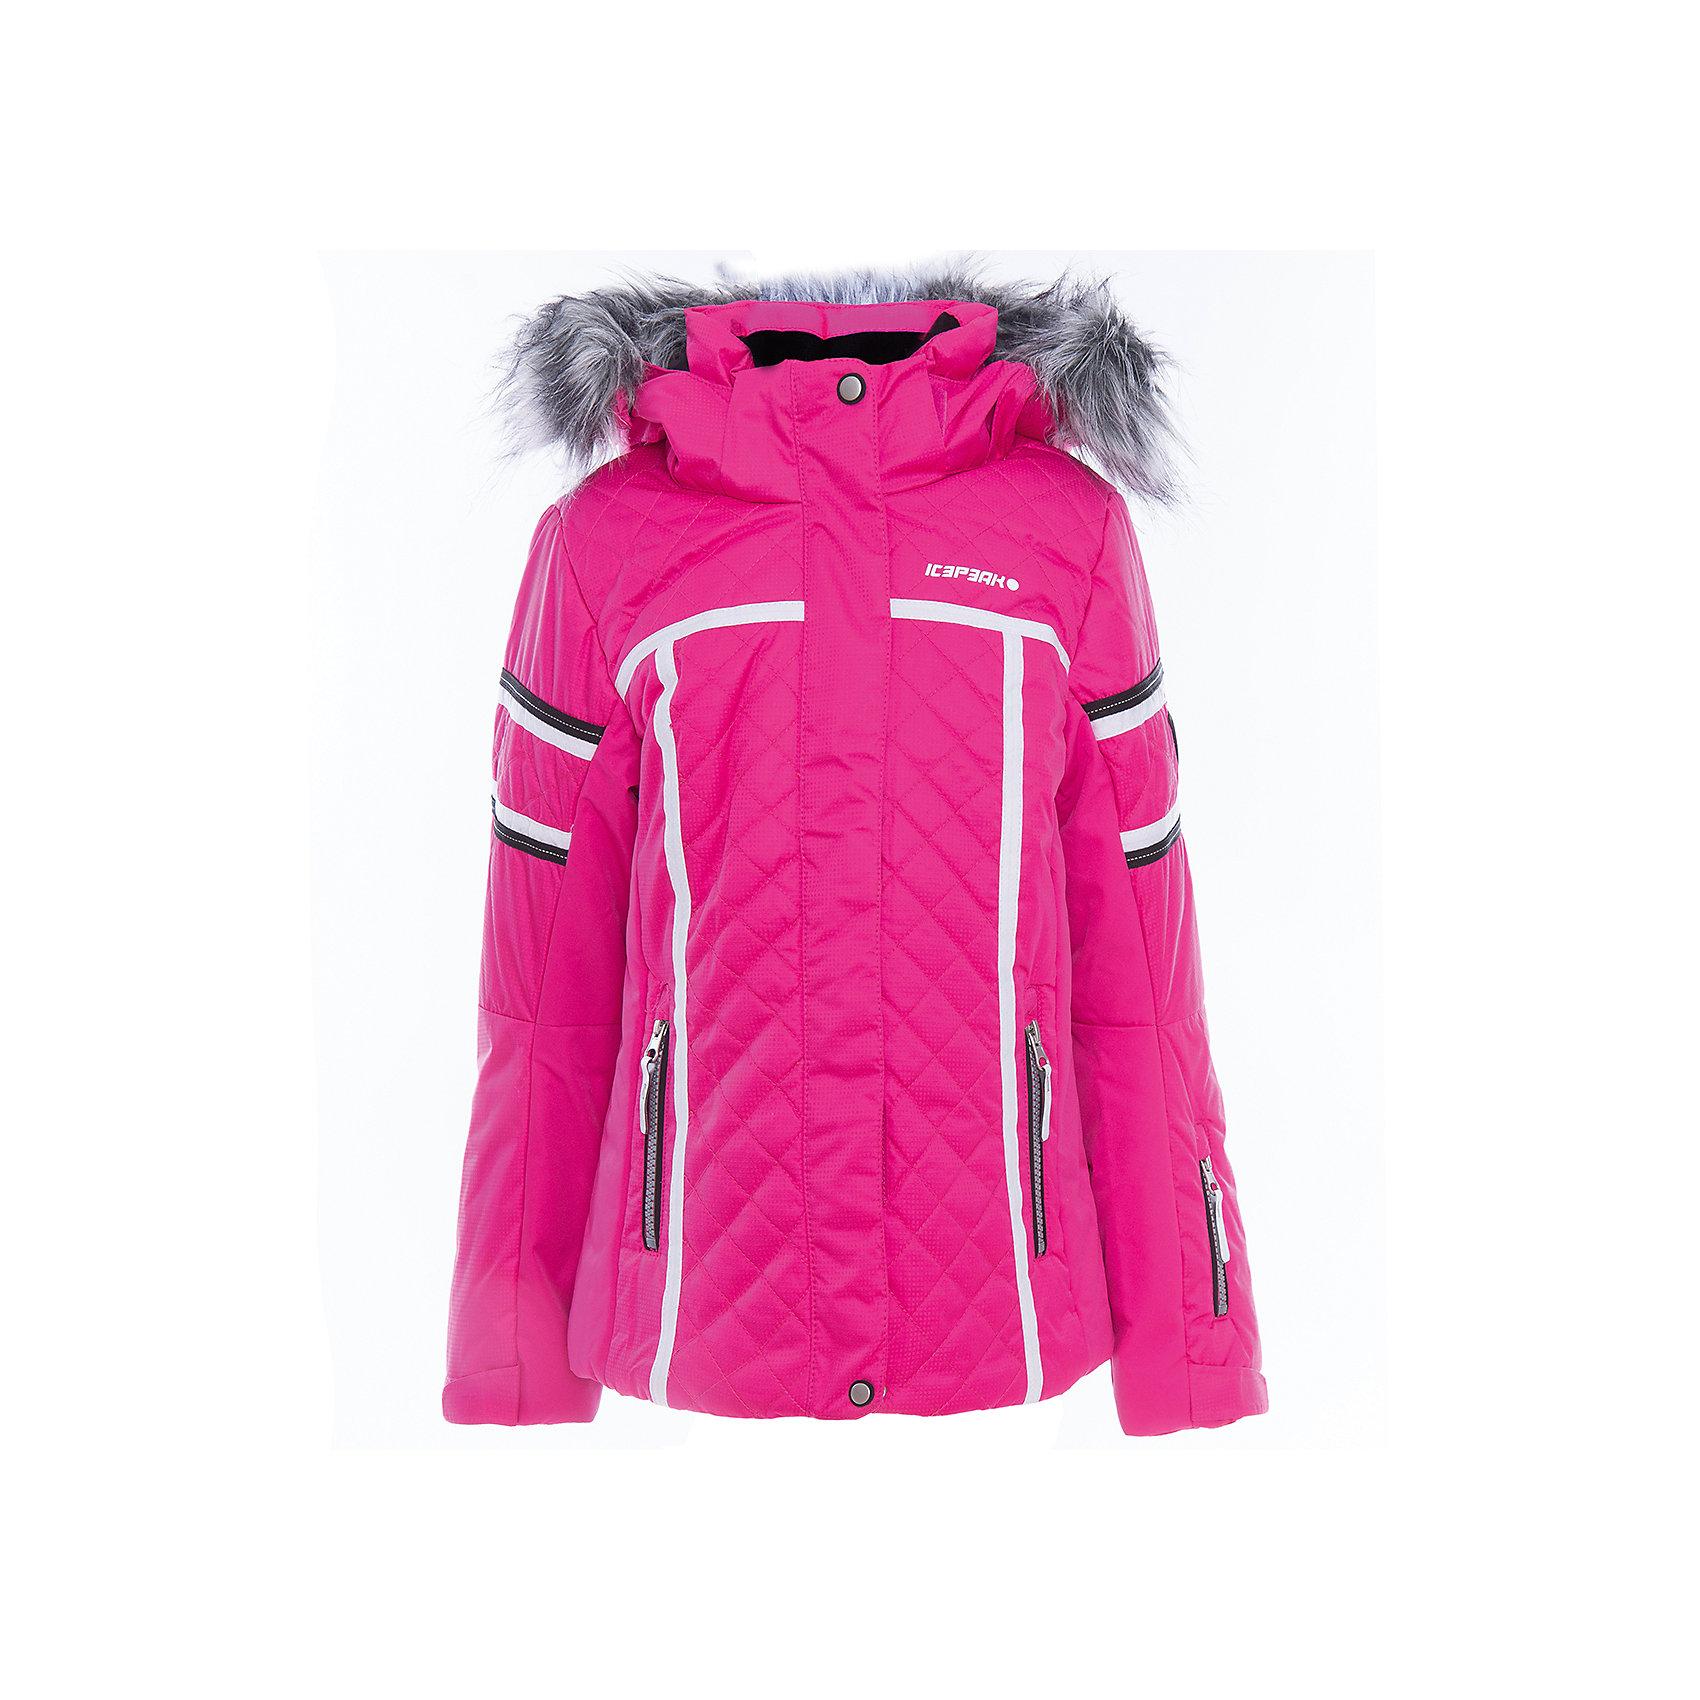 Куртка для девочки ICEPEAKОдежда<br>Куртка для девочки от известного бренда ICEPEAK.<br>Куртка с отстегивающимся капюшоном, капюшон с искусственным мехом, молния закрыта планкой, сформированный локоть, утяжка в нижней части куртки, снегозащитная юбка, внутренний трикотажный манжет на рукаве, утепленные и мягкие боковые карманы на молнии, мягкий и теплый внутренний воротник, карман для ski pass на рукаве, светоотражающие элементы, искусственный утеплитель Finnwad, утепление 220/200 гр., рекомендуемый температурный режим до -30 град.<br>Состав:<br>100% полиэстер<br><br>Ширина мм: 356<br>Глубина мм: 10<br>Высота мм: 245<br>Вес г: 519<br>Цвет: розовый<br>Возраст от месяцев: 84<br>Возраст до месяцев: 96<br>Пол: Женский<br>Возраст: Детский<br>Размер: 128,176,164,152,140<br>SKU: 5414003